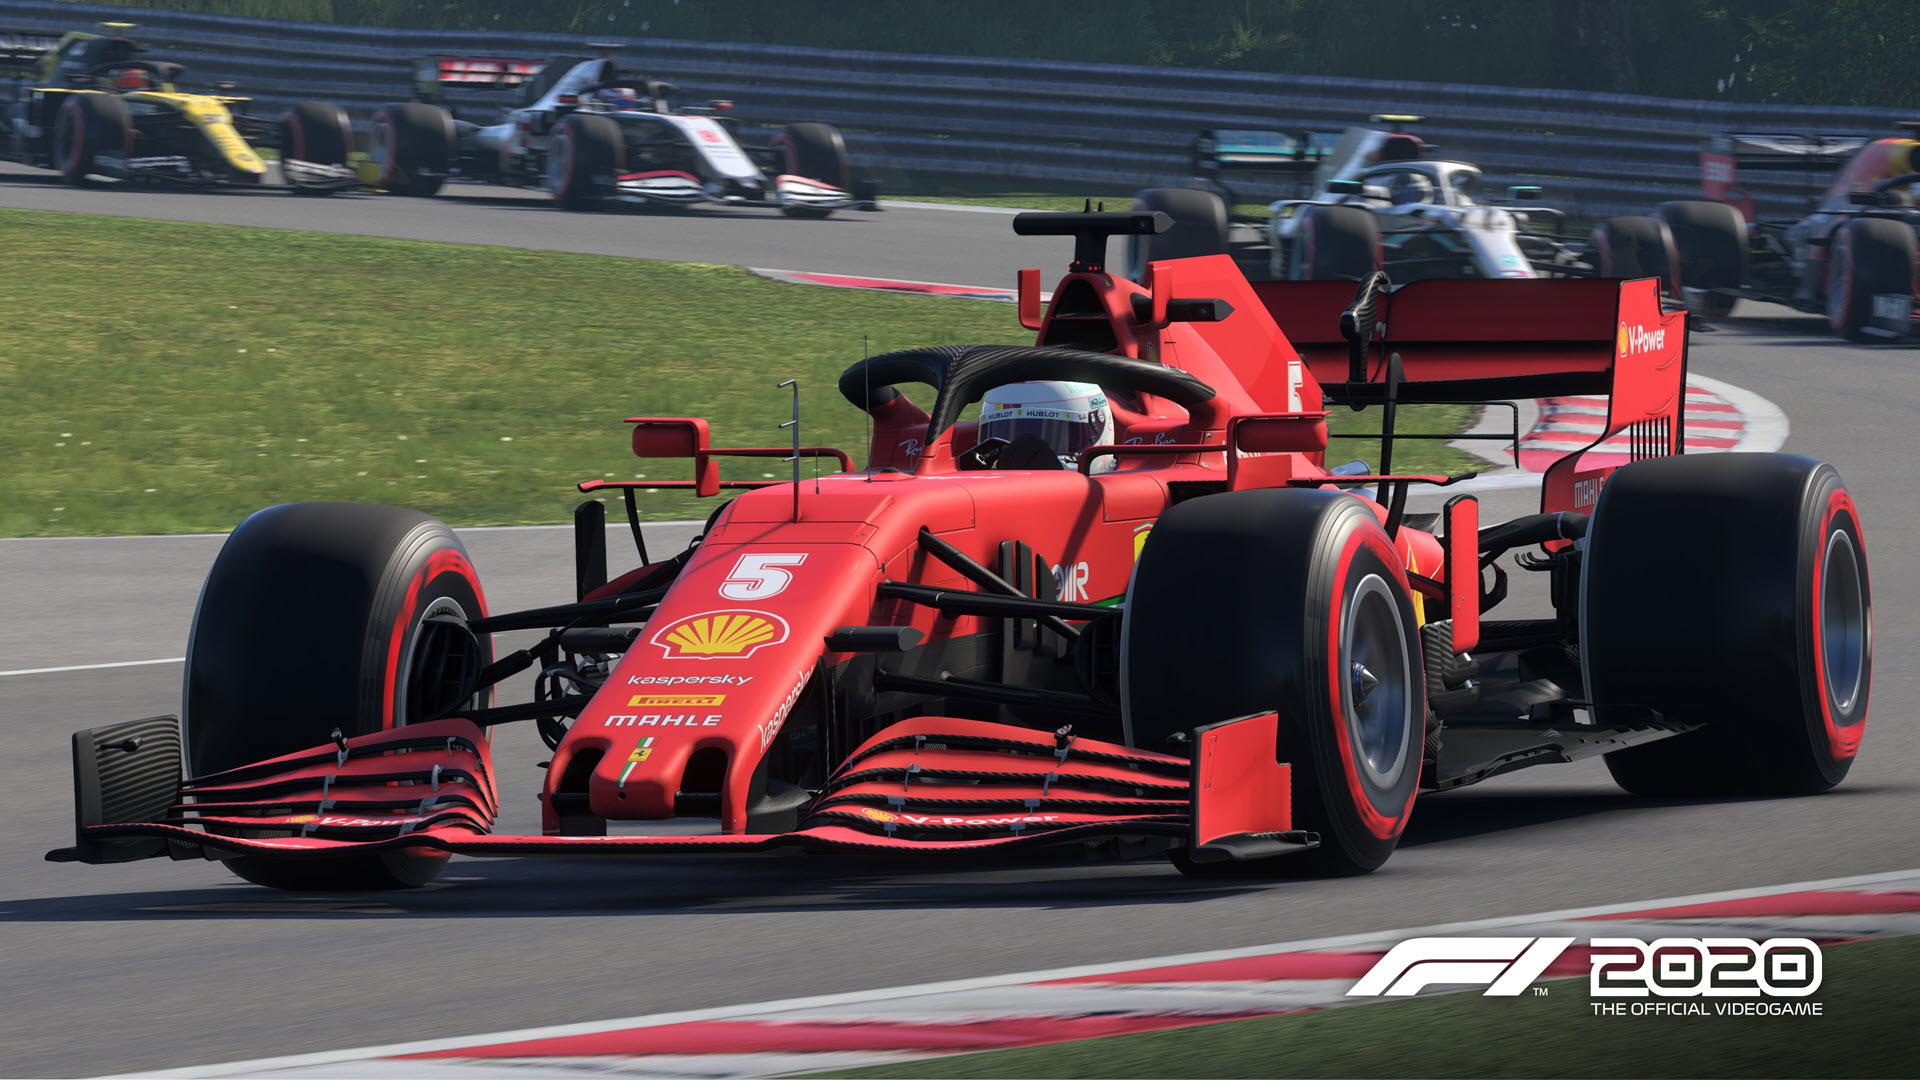 F1 2020 keeps crashing on PC solved